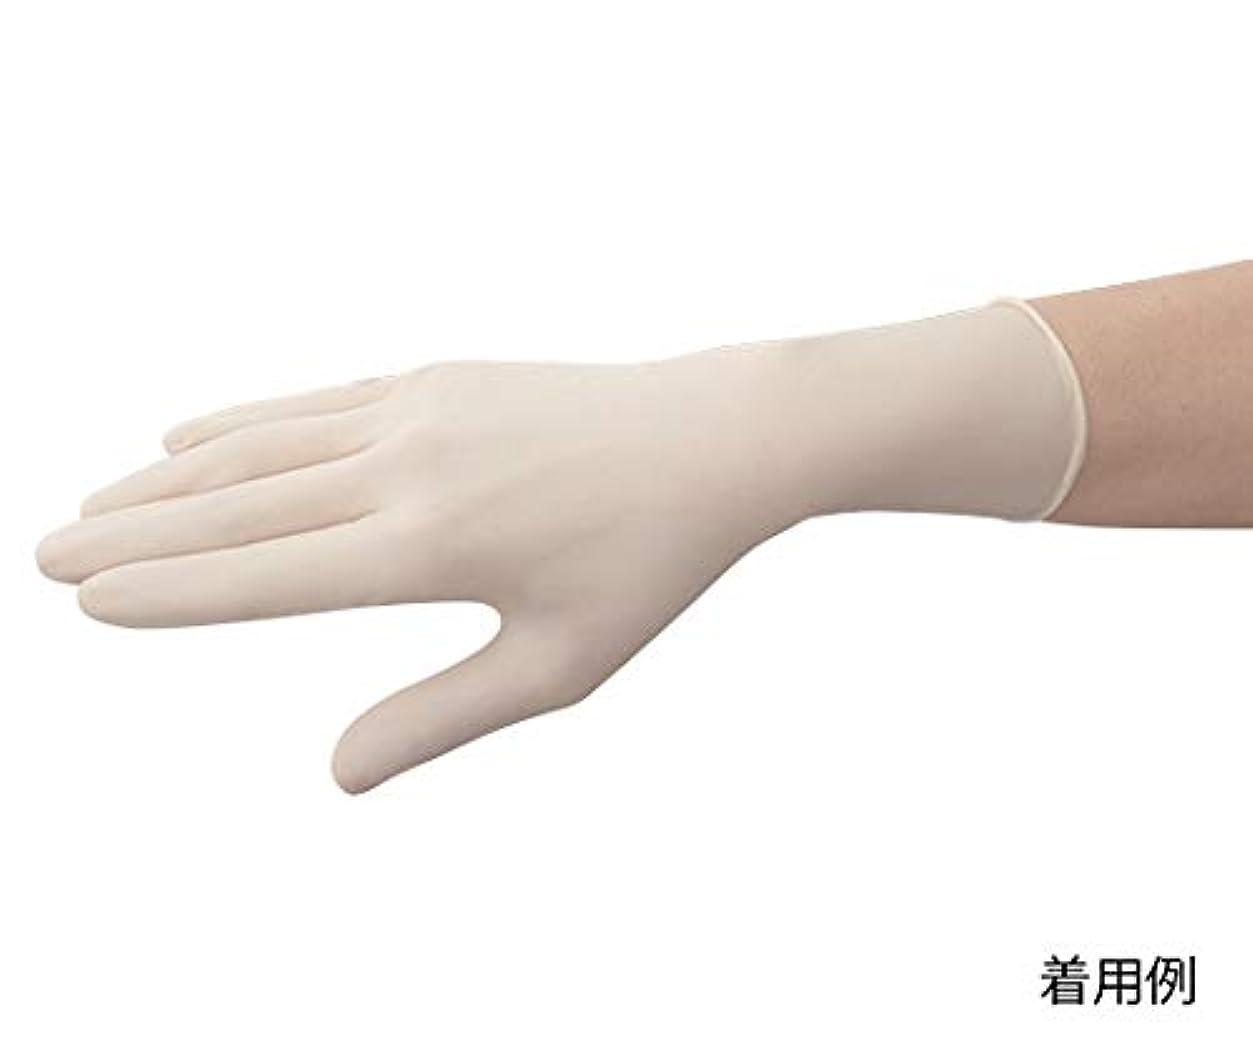 眉ロータリーみすぼらしい東レ?メディカル 手術用手袋メディグリップ パウダーフリー50双 8185MG